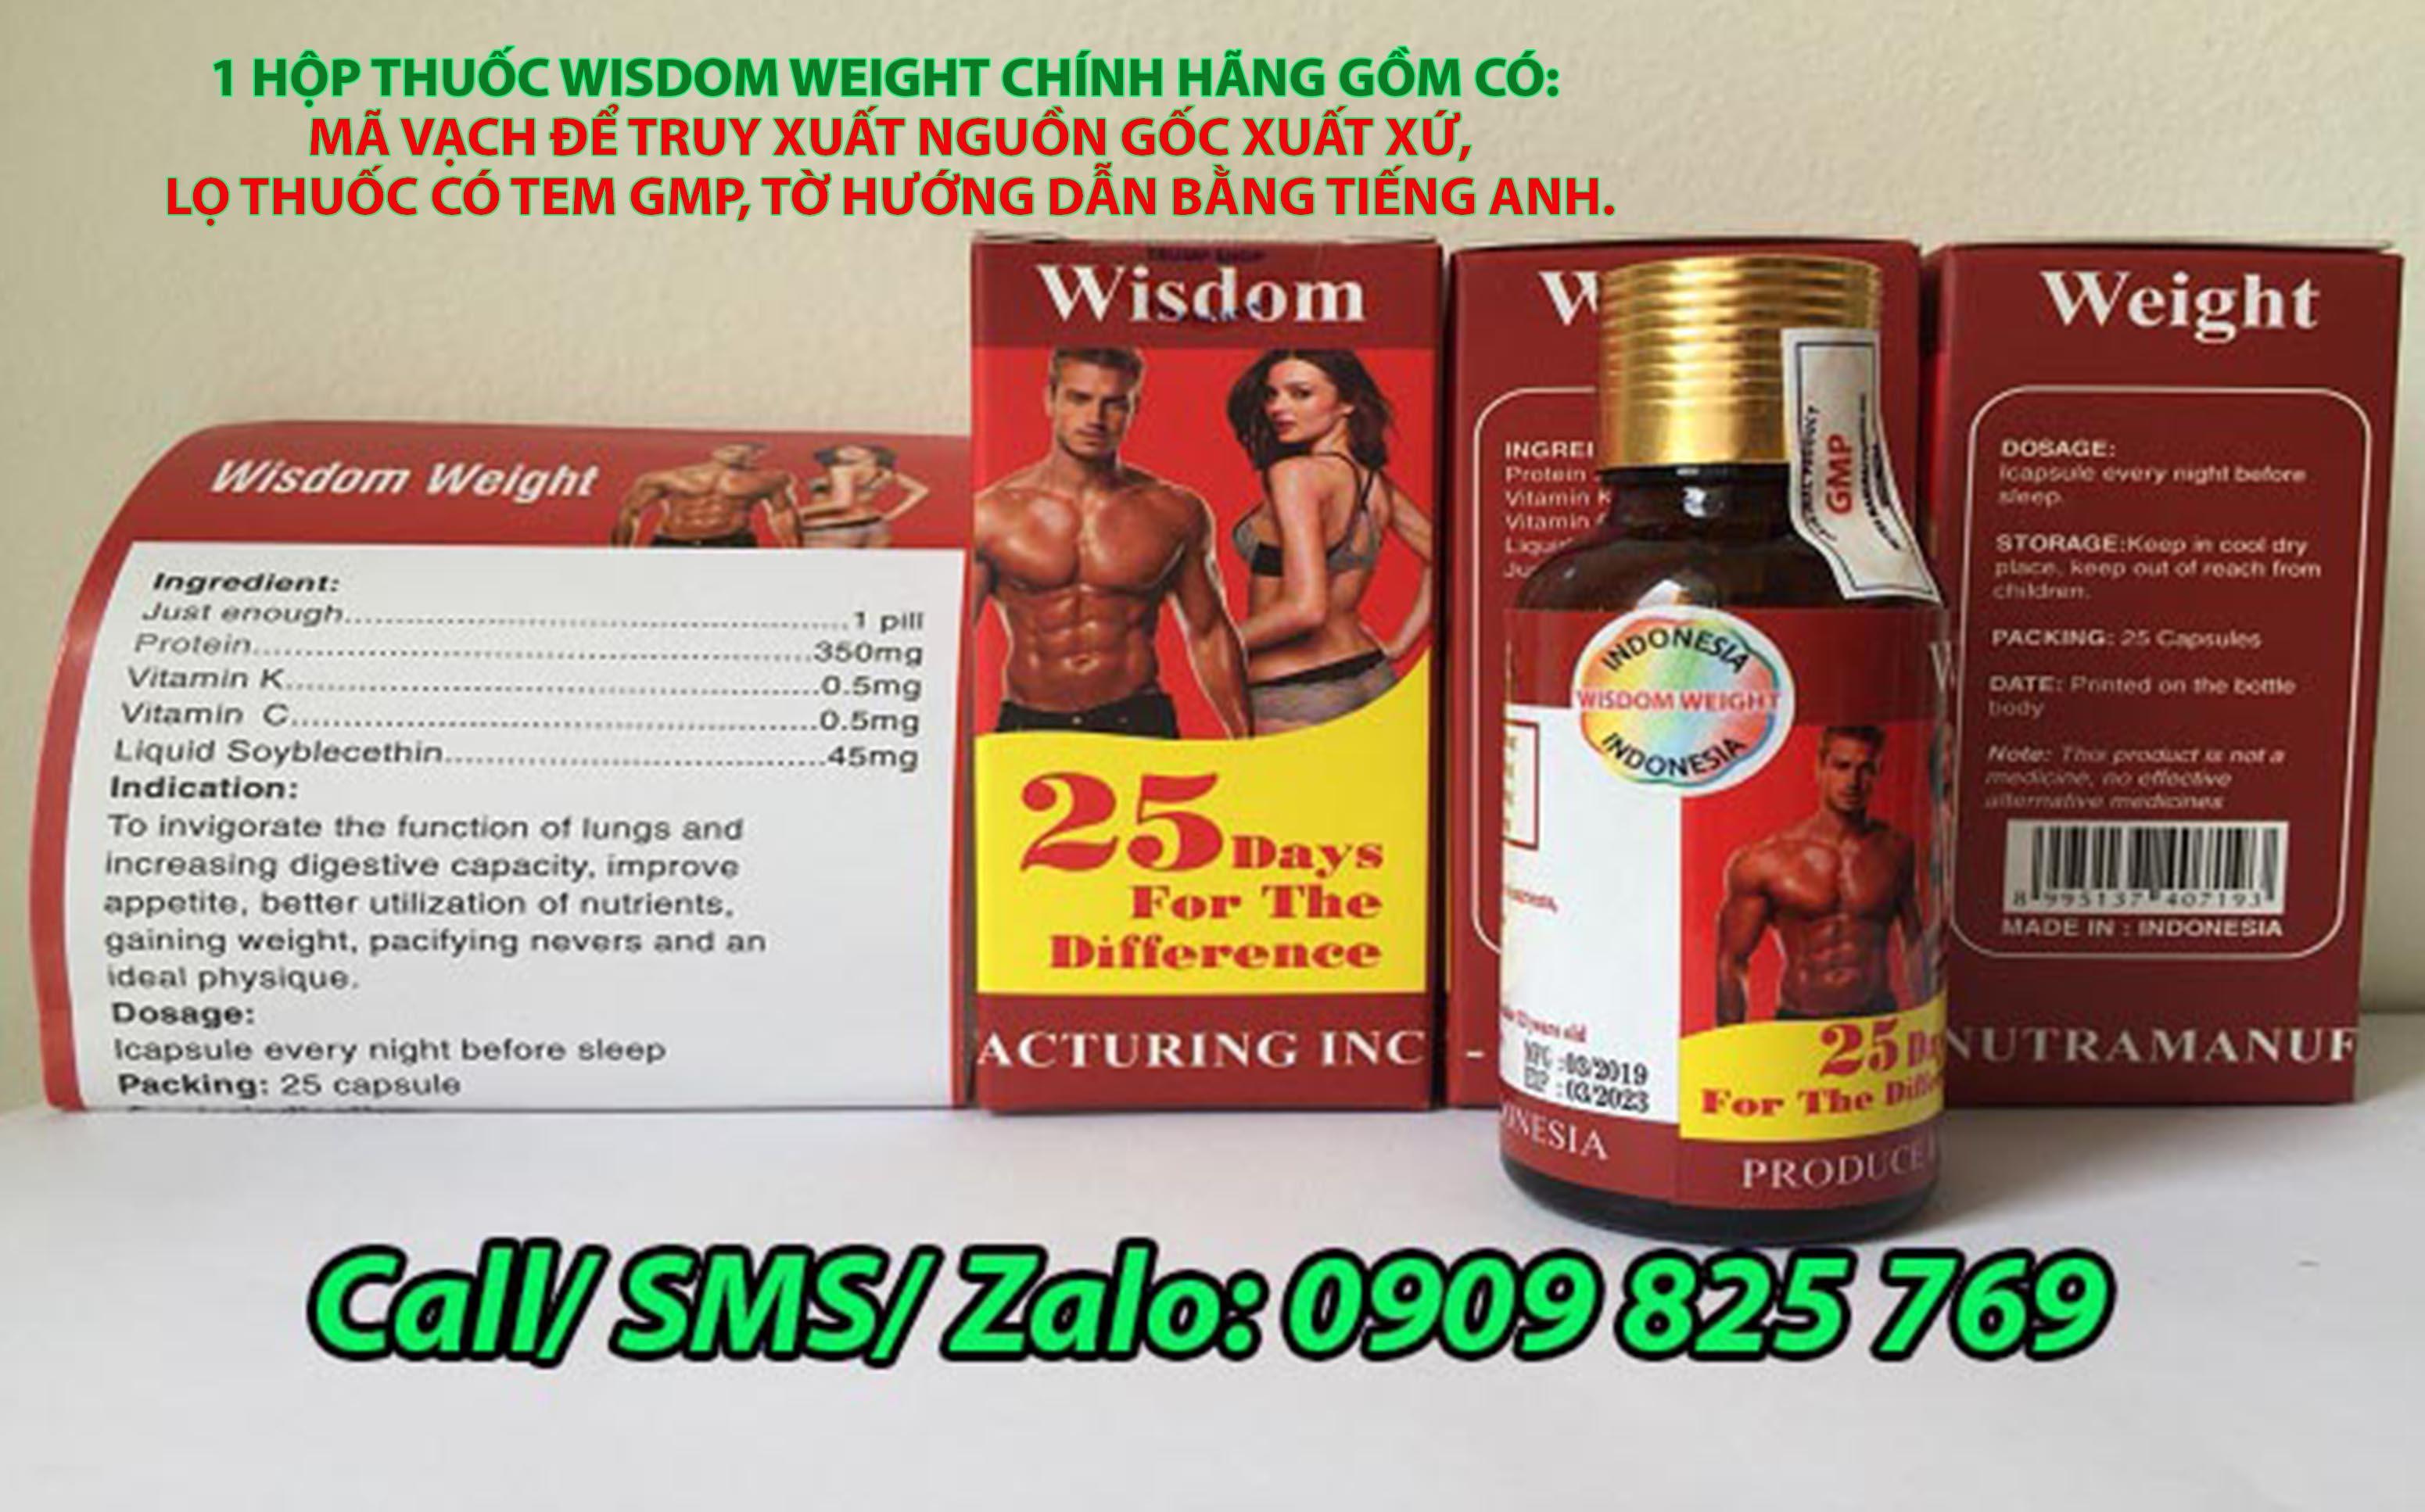 Thuốc tăng cân Wisdom Weight chính hãng Indonesia